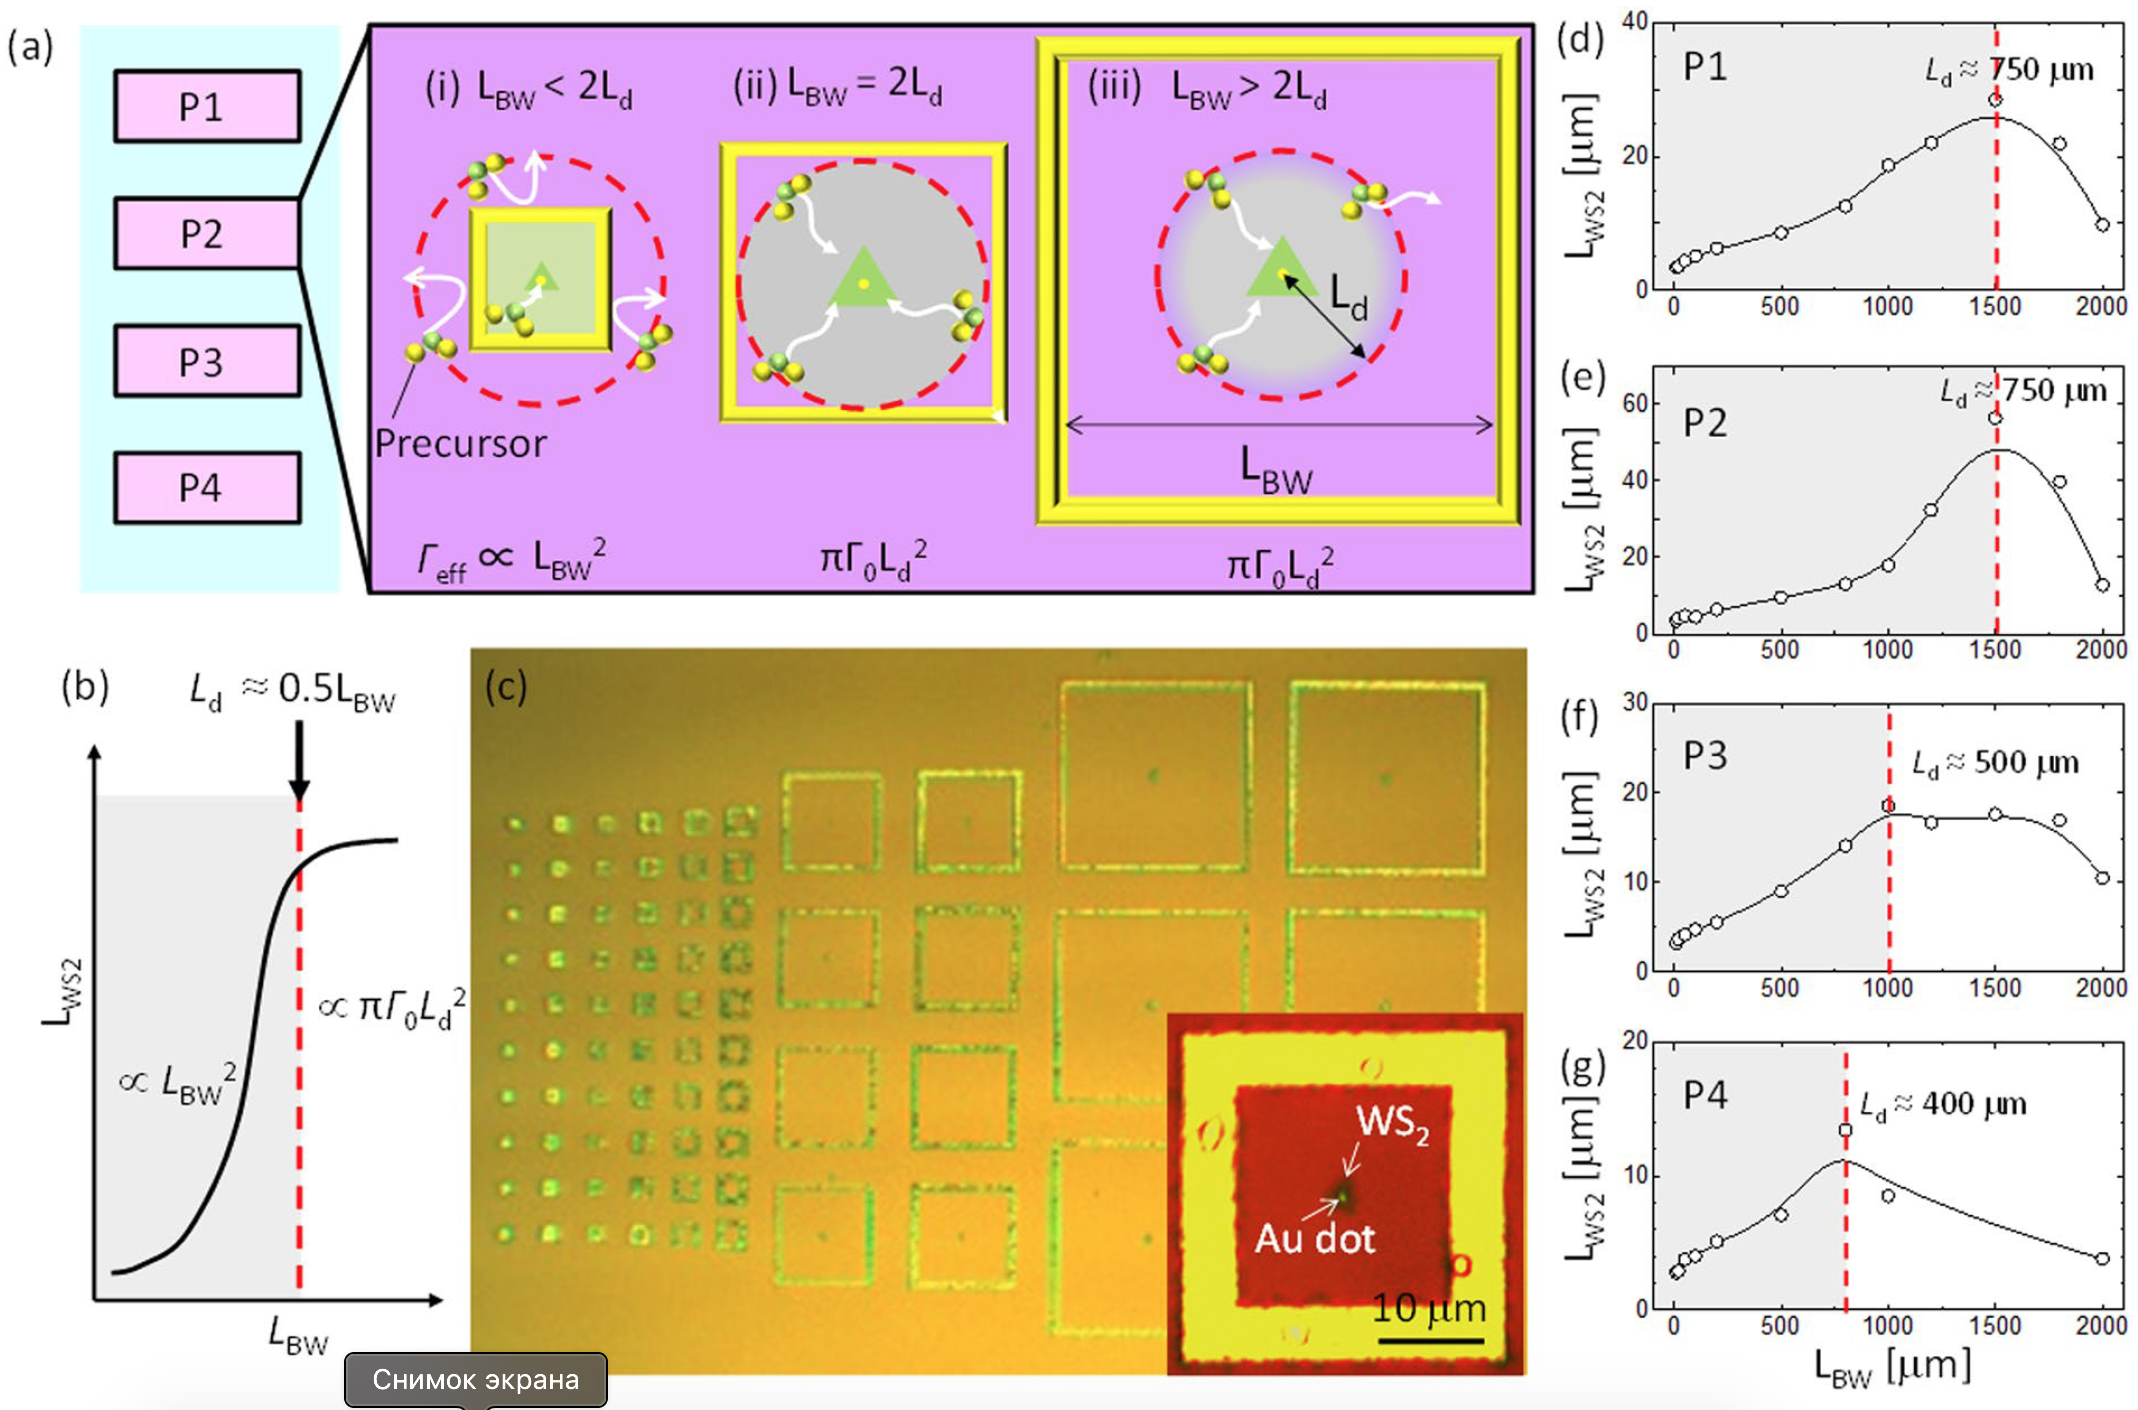 Дихалькогениды переходных металлов: раскрытие секретов динамики роста кристаллов WS2 - 3